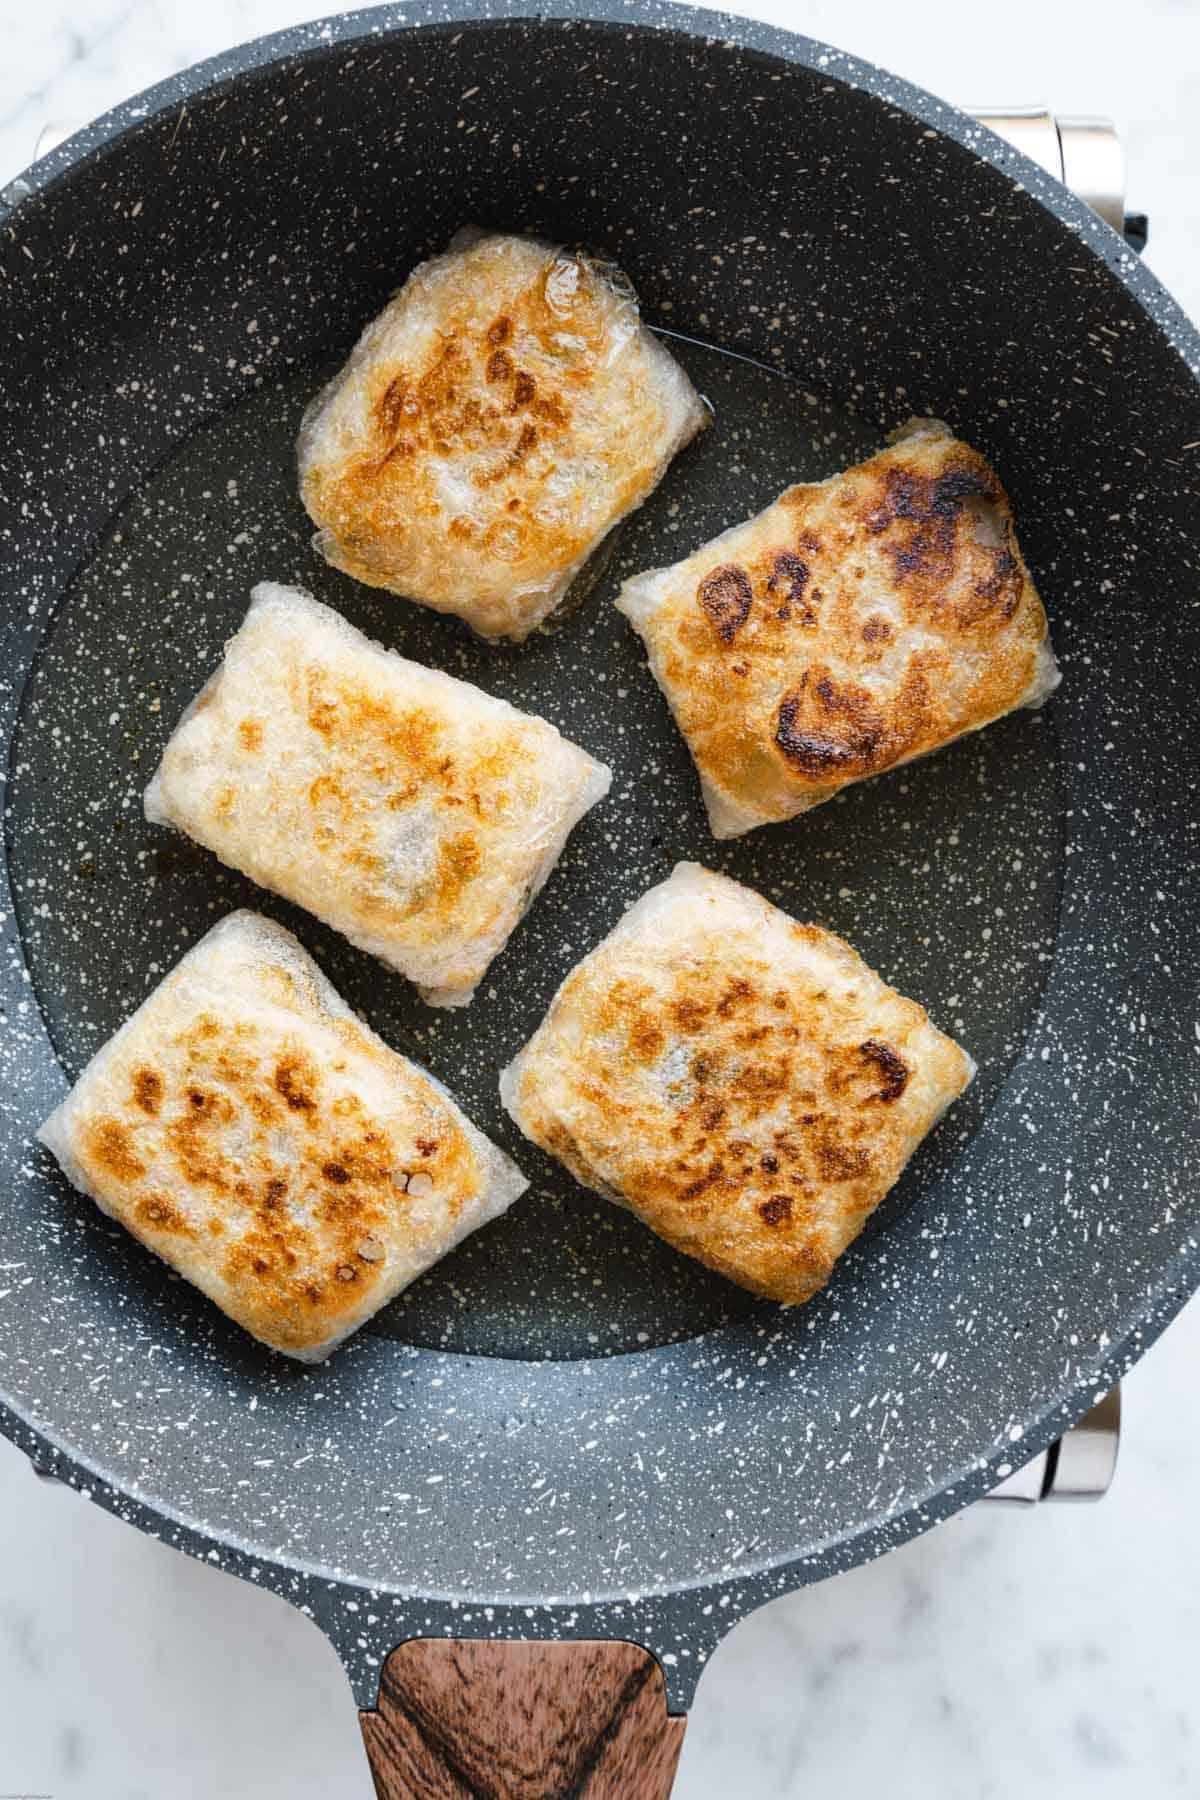 Pan-fried Easy Vegan No-Chop Dumplings in a skillet.